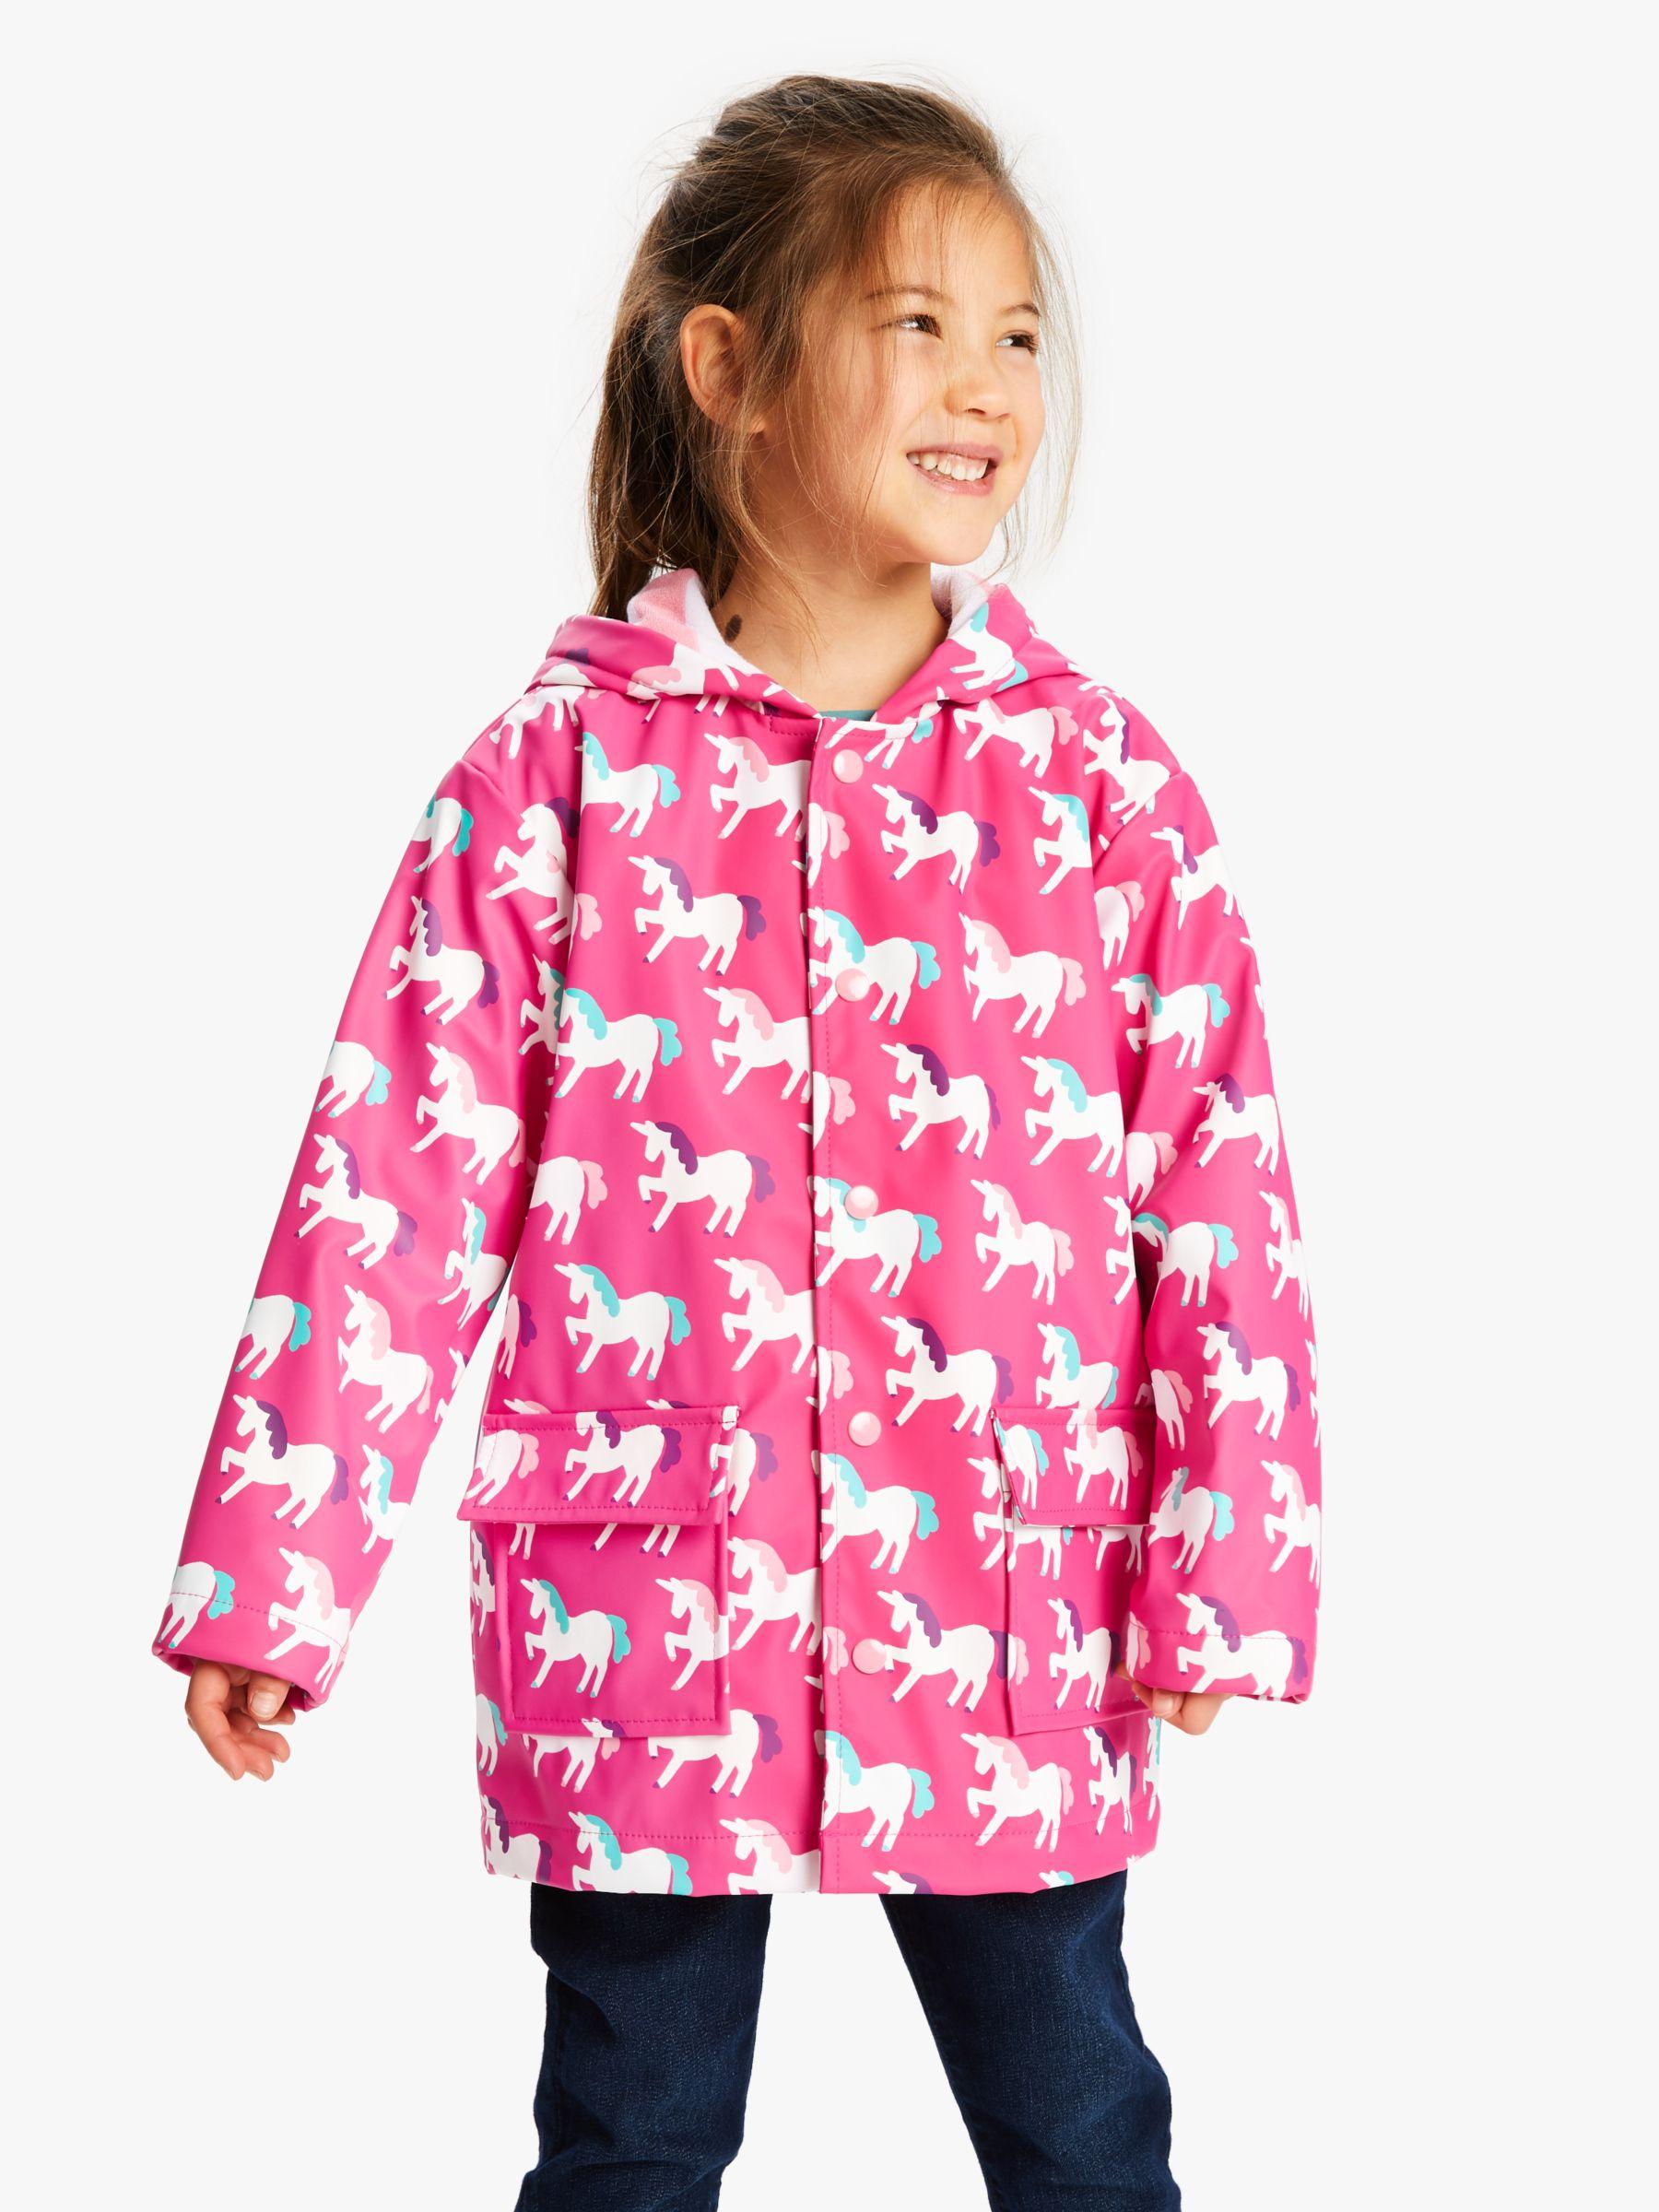 Hatley Hatley Girls' Mystical Unicorns Raincoat, Pink